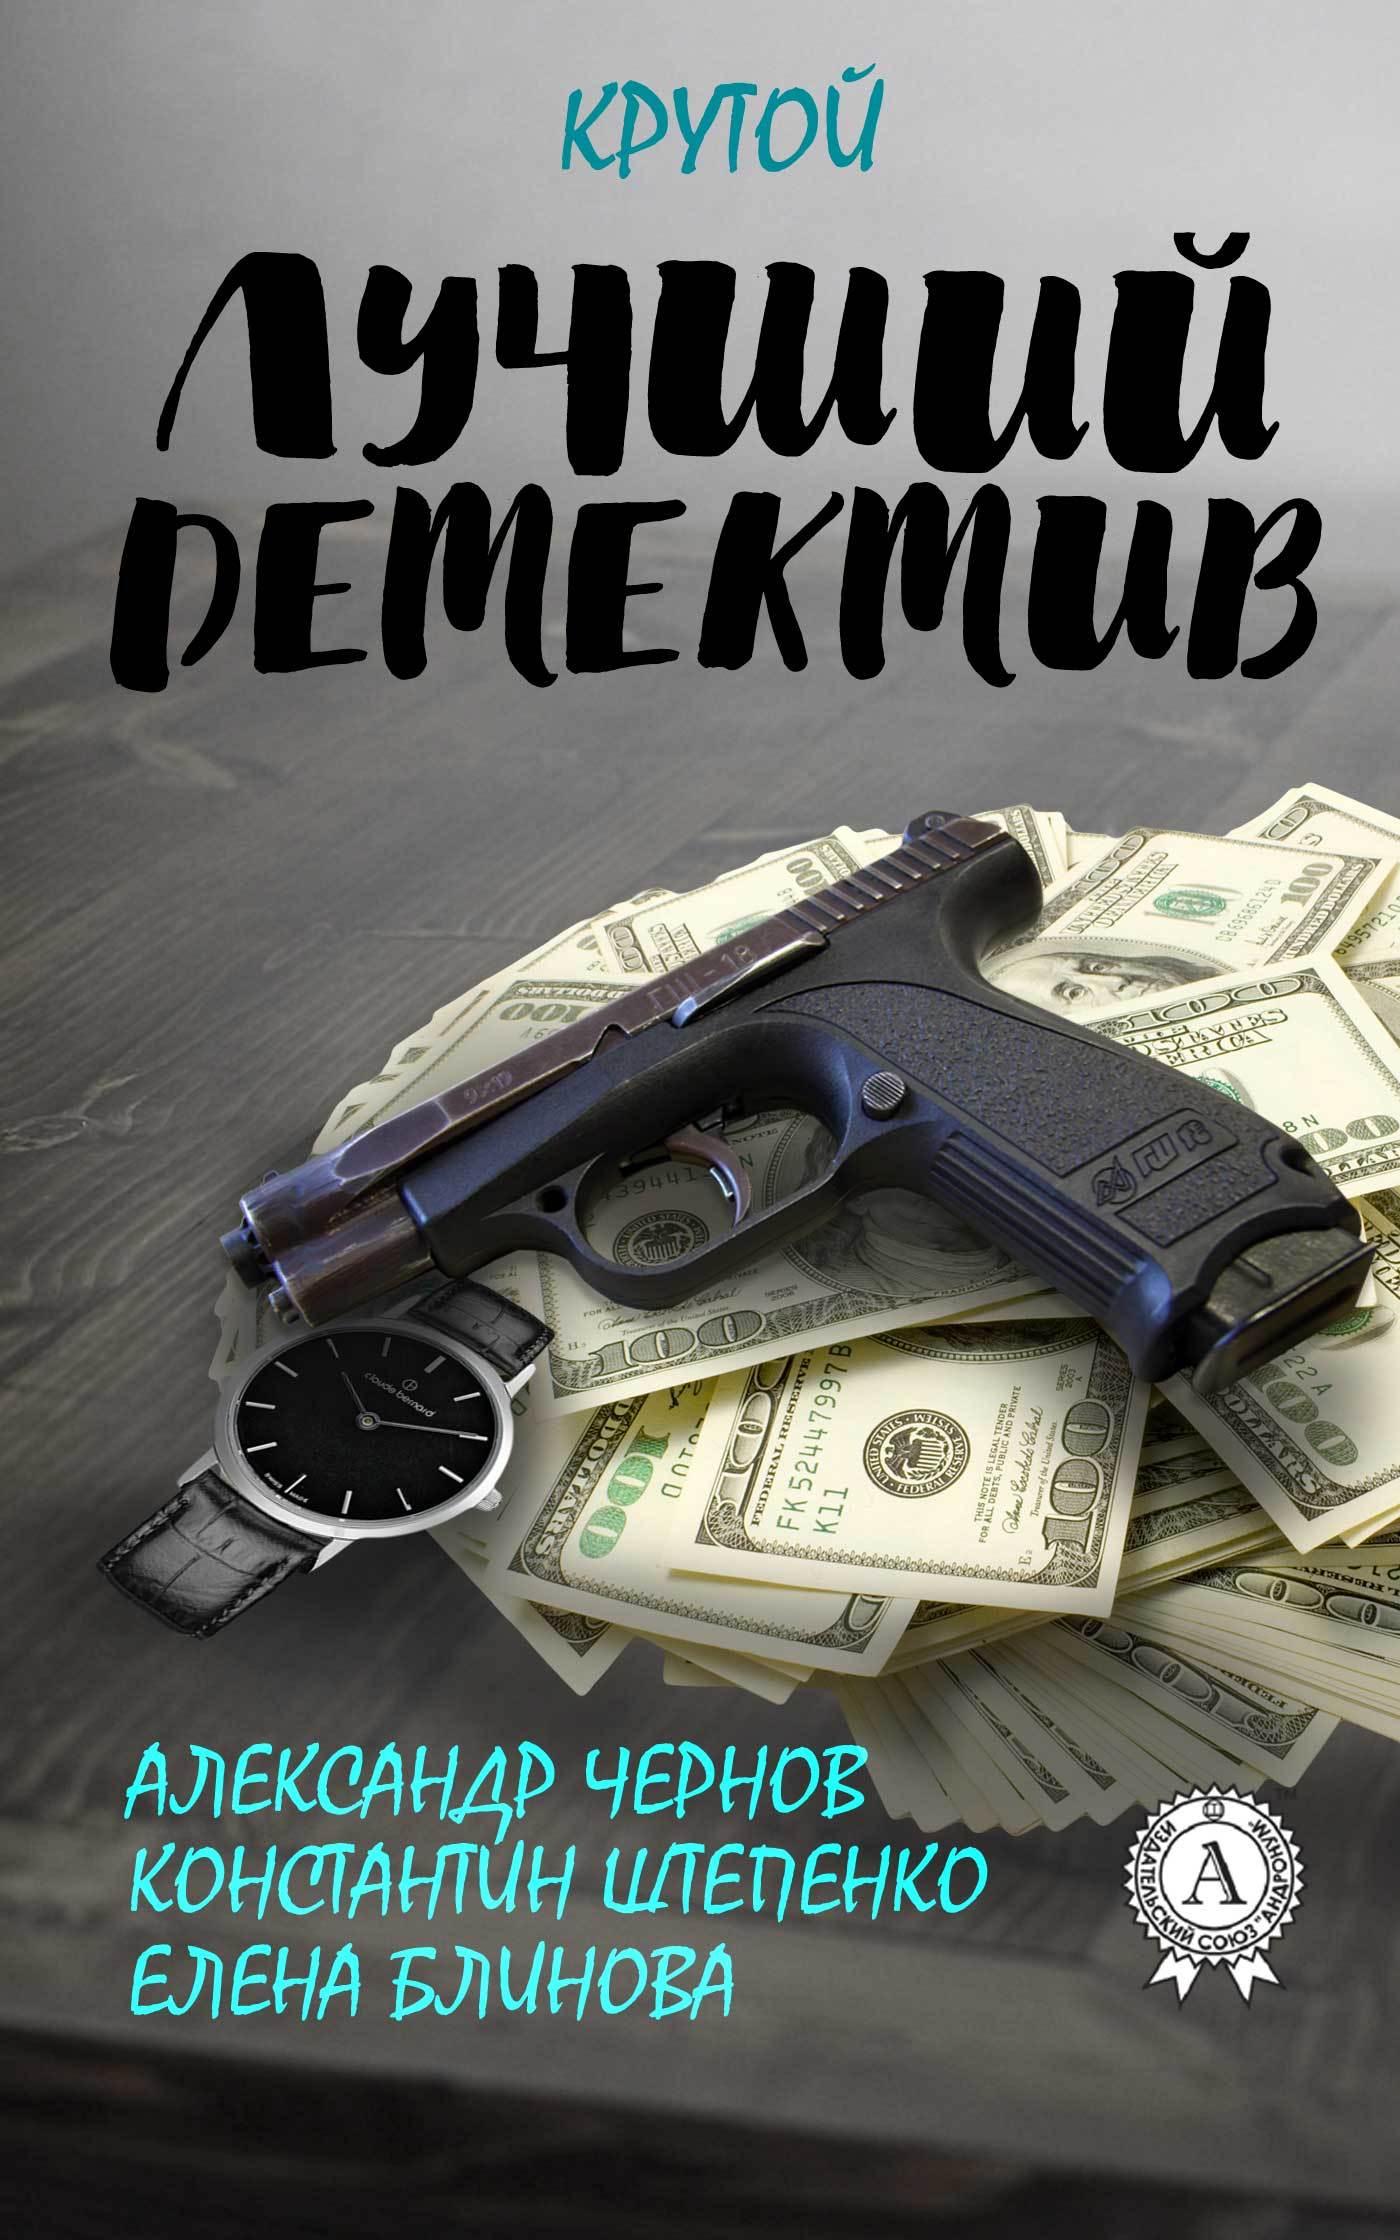 Константин Штепенко Лучший крутой детектив сборник лучший детский детектив